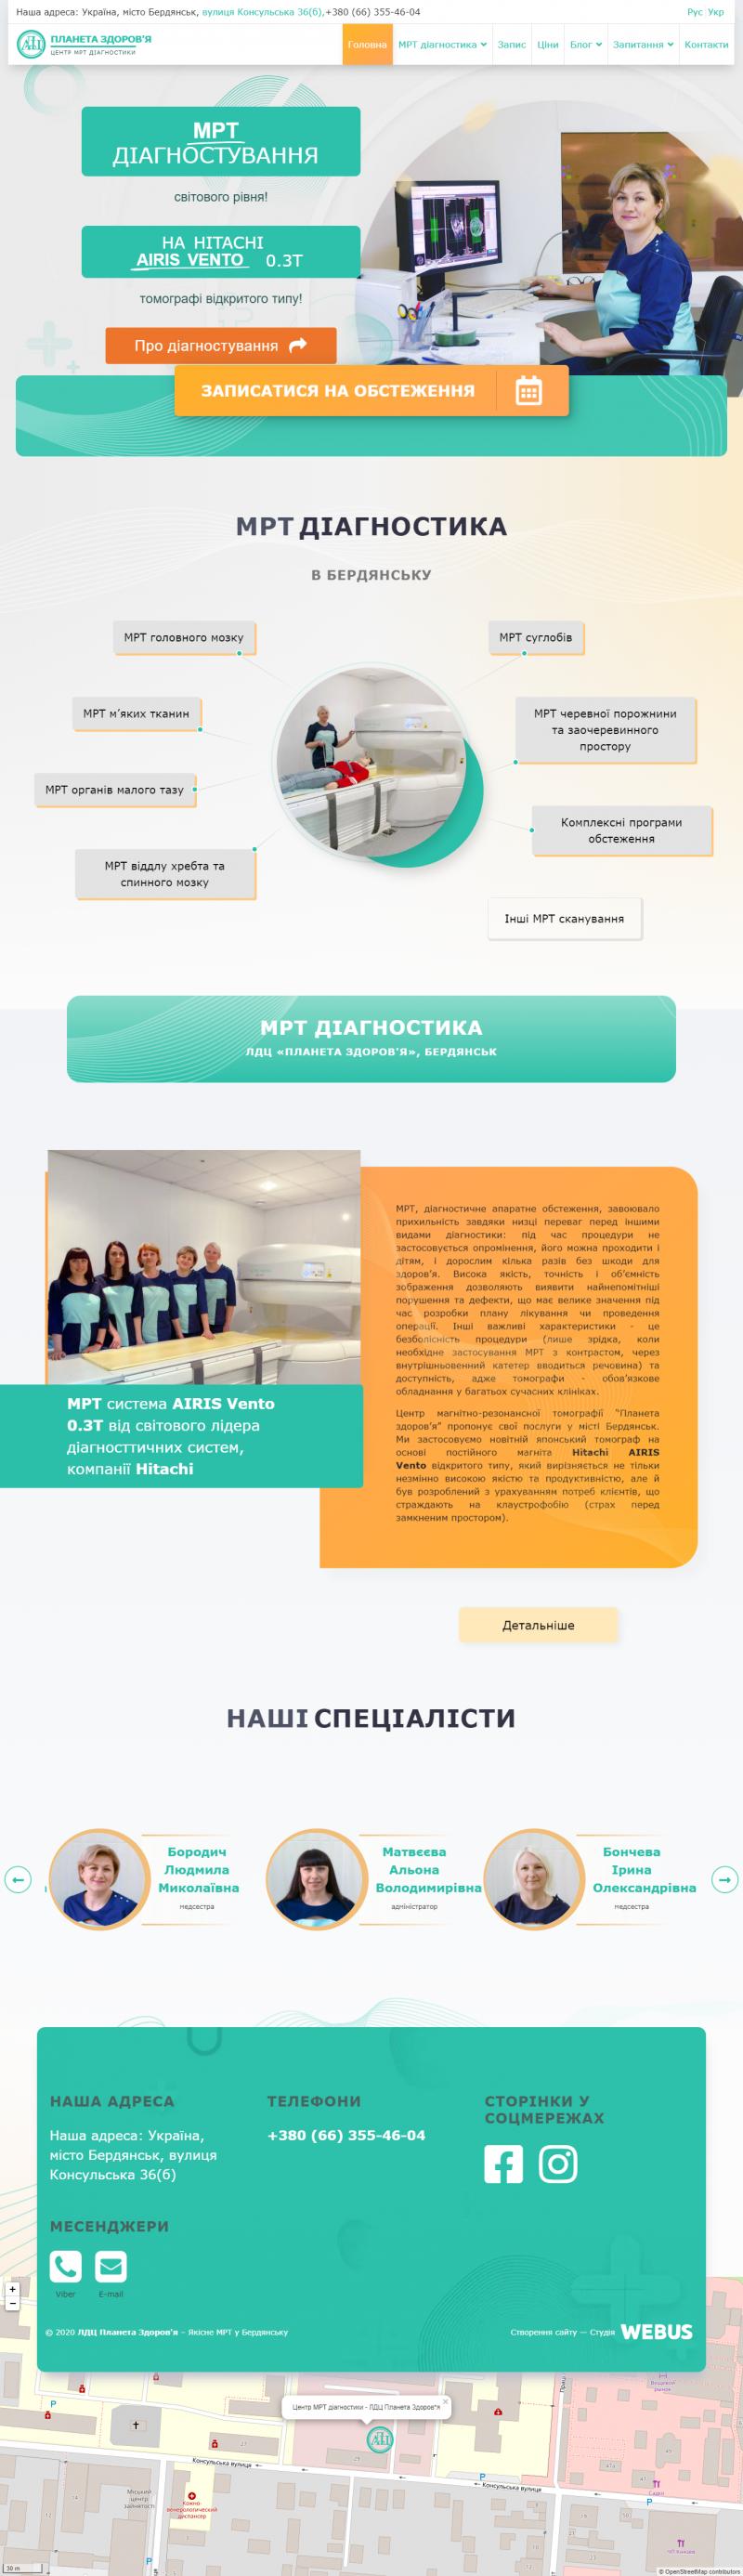 Сайт центру магнітно-резонансної томографії